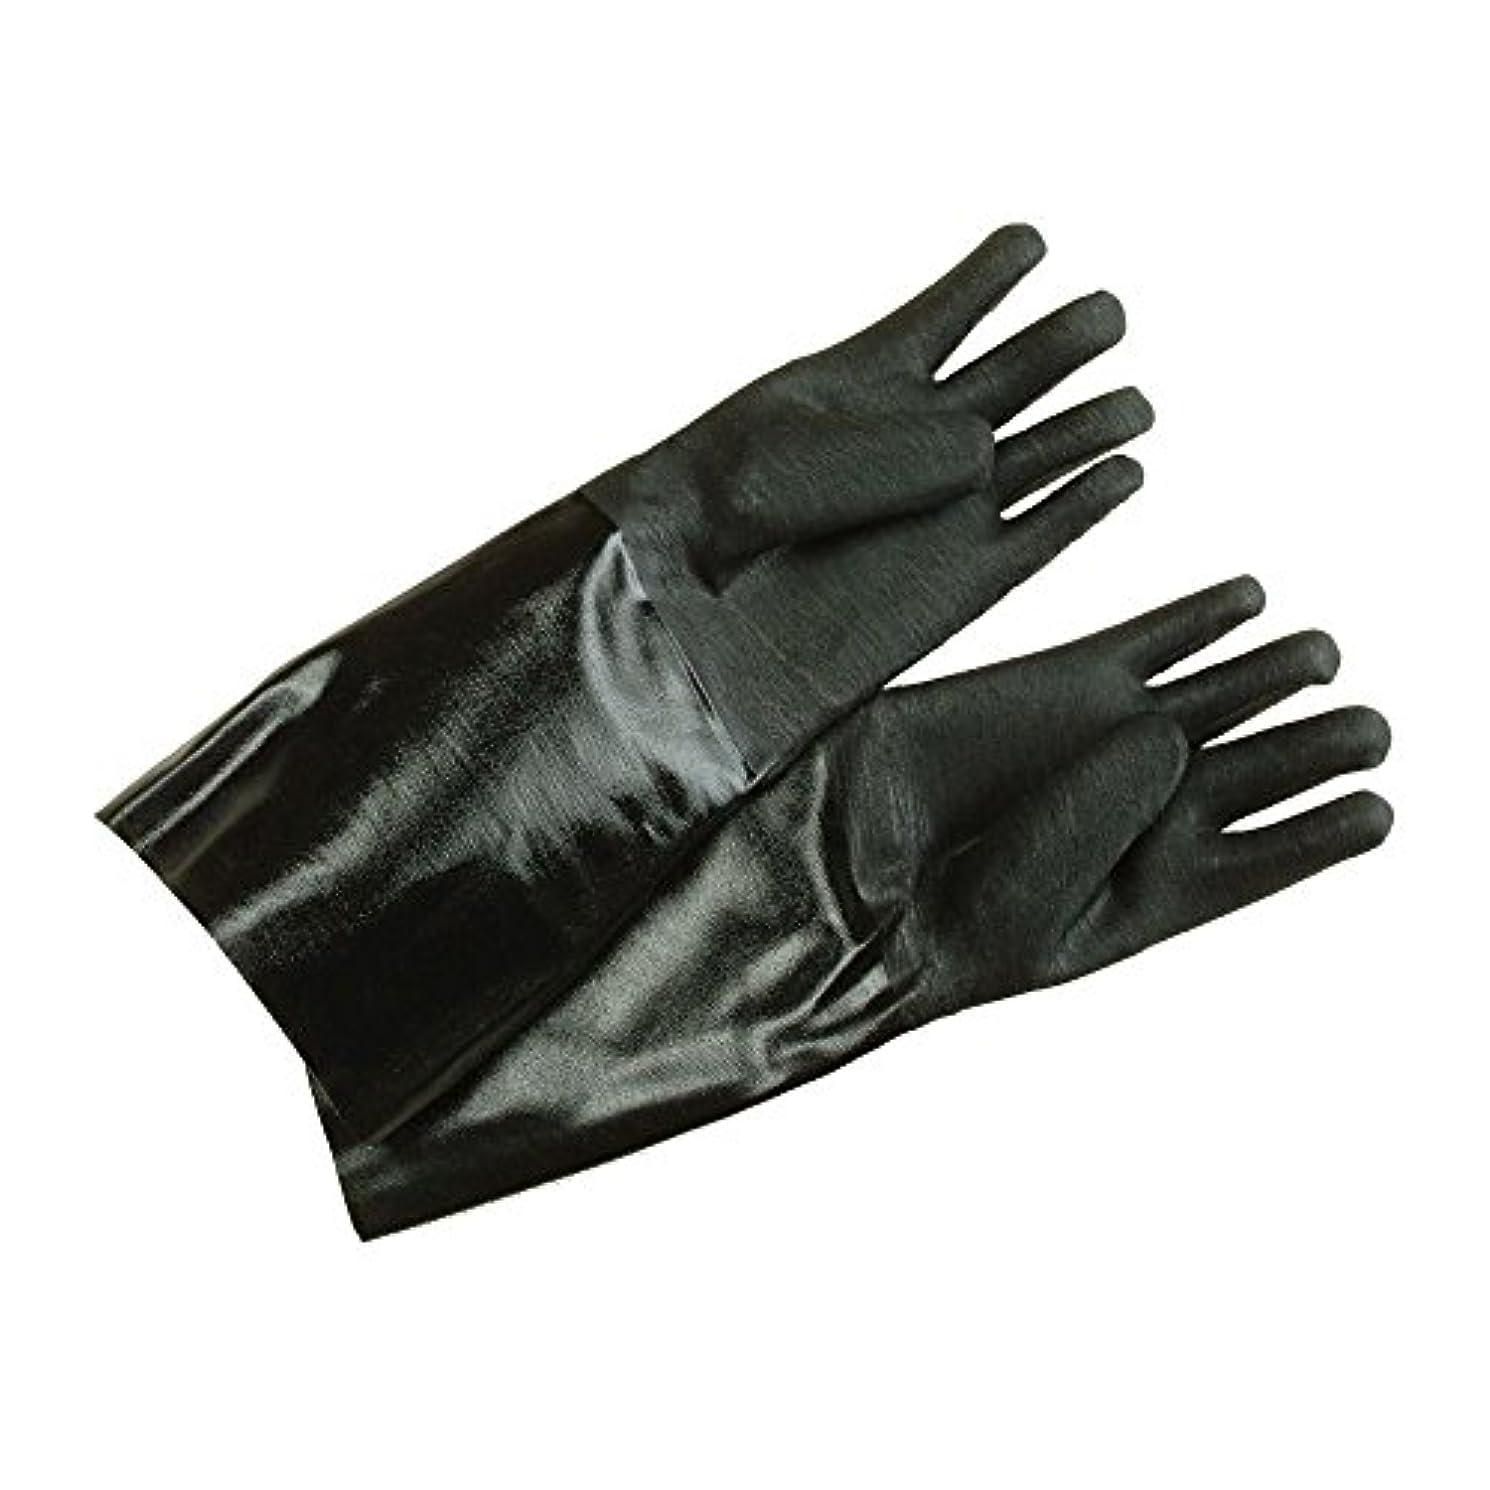 病弱監督する書誌GLN27BK Black 43cm Elbow Length Neoprene Cleaning Gloves - Pair